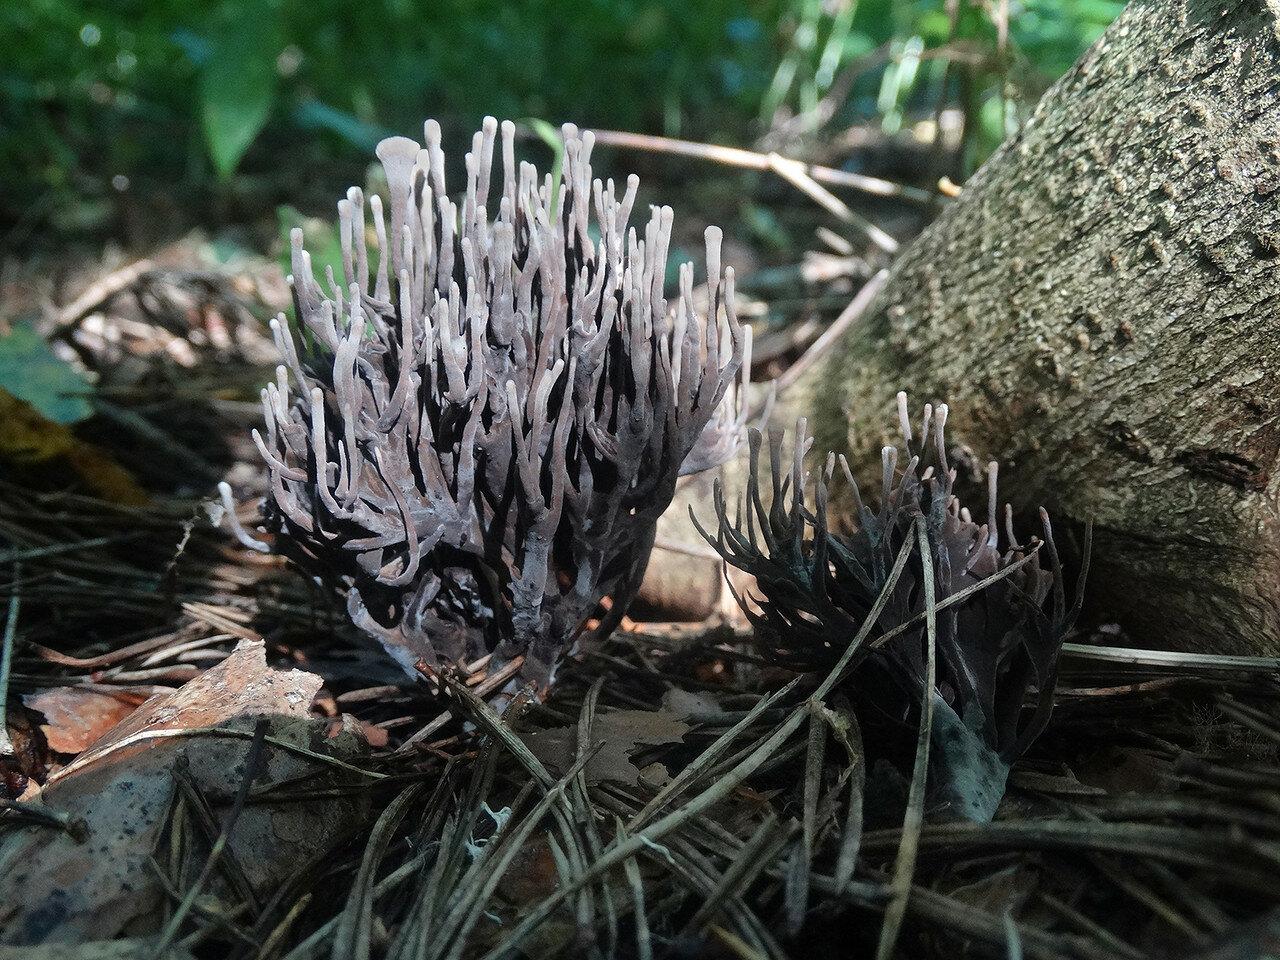 Телефора пальчатая (Thelephora palmata). Автор фото: Привалова Марина